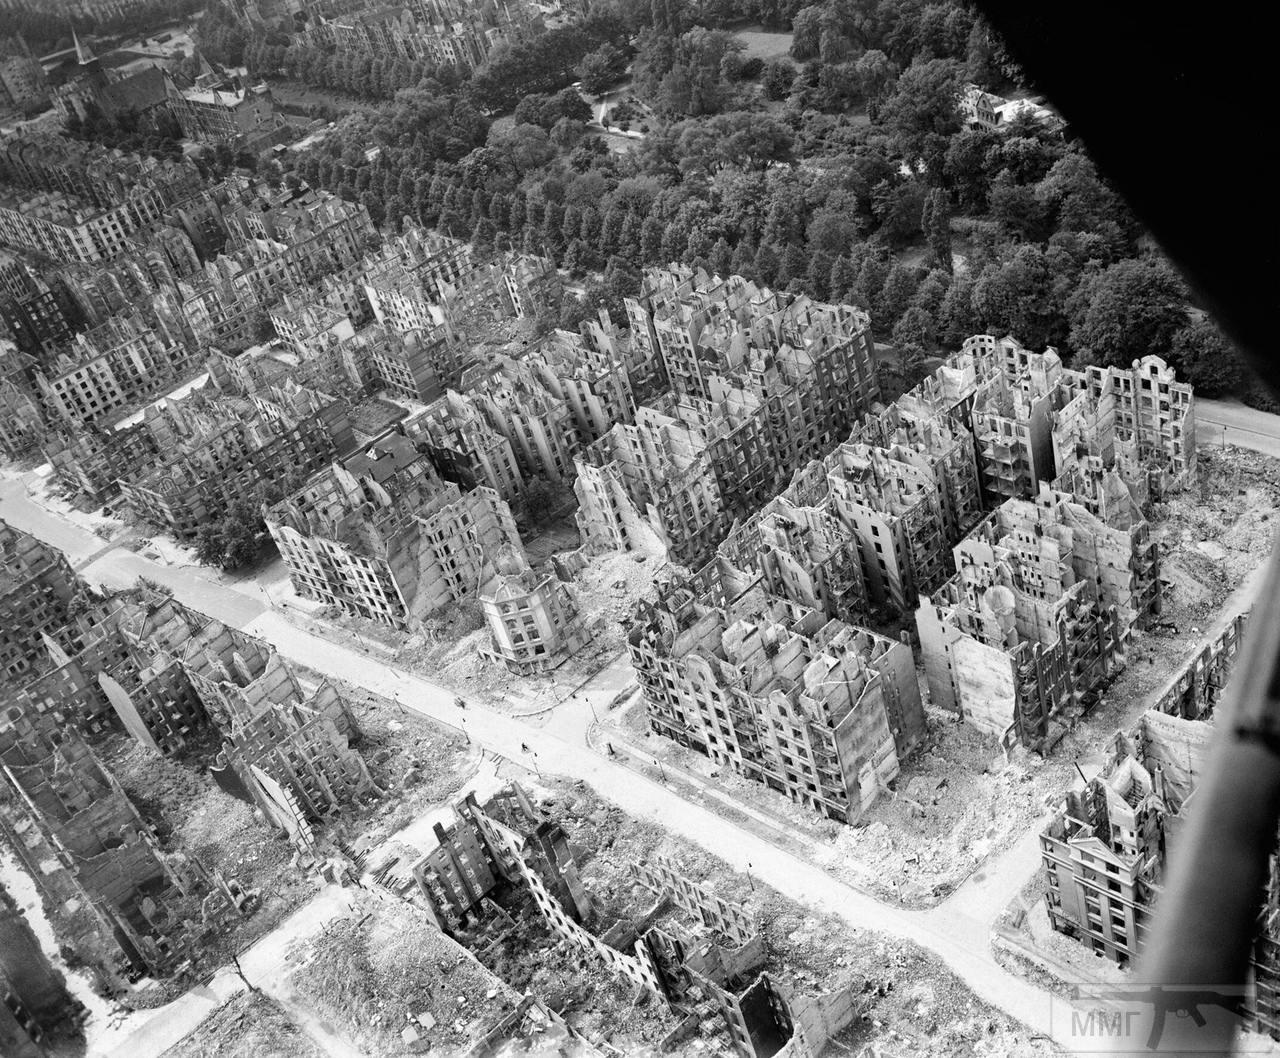 44183 - Стратегические бомбардировки Германии и Японии